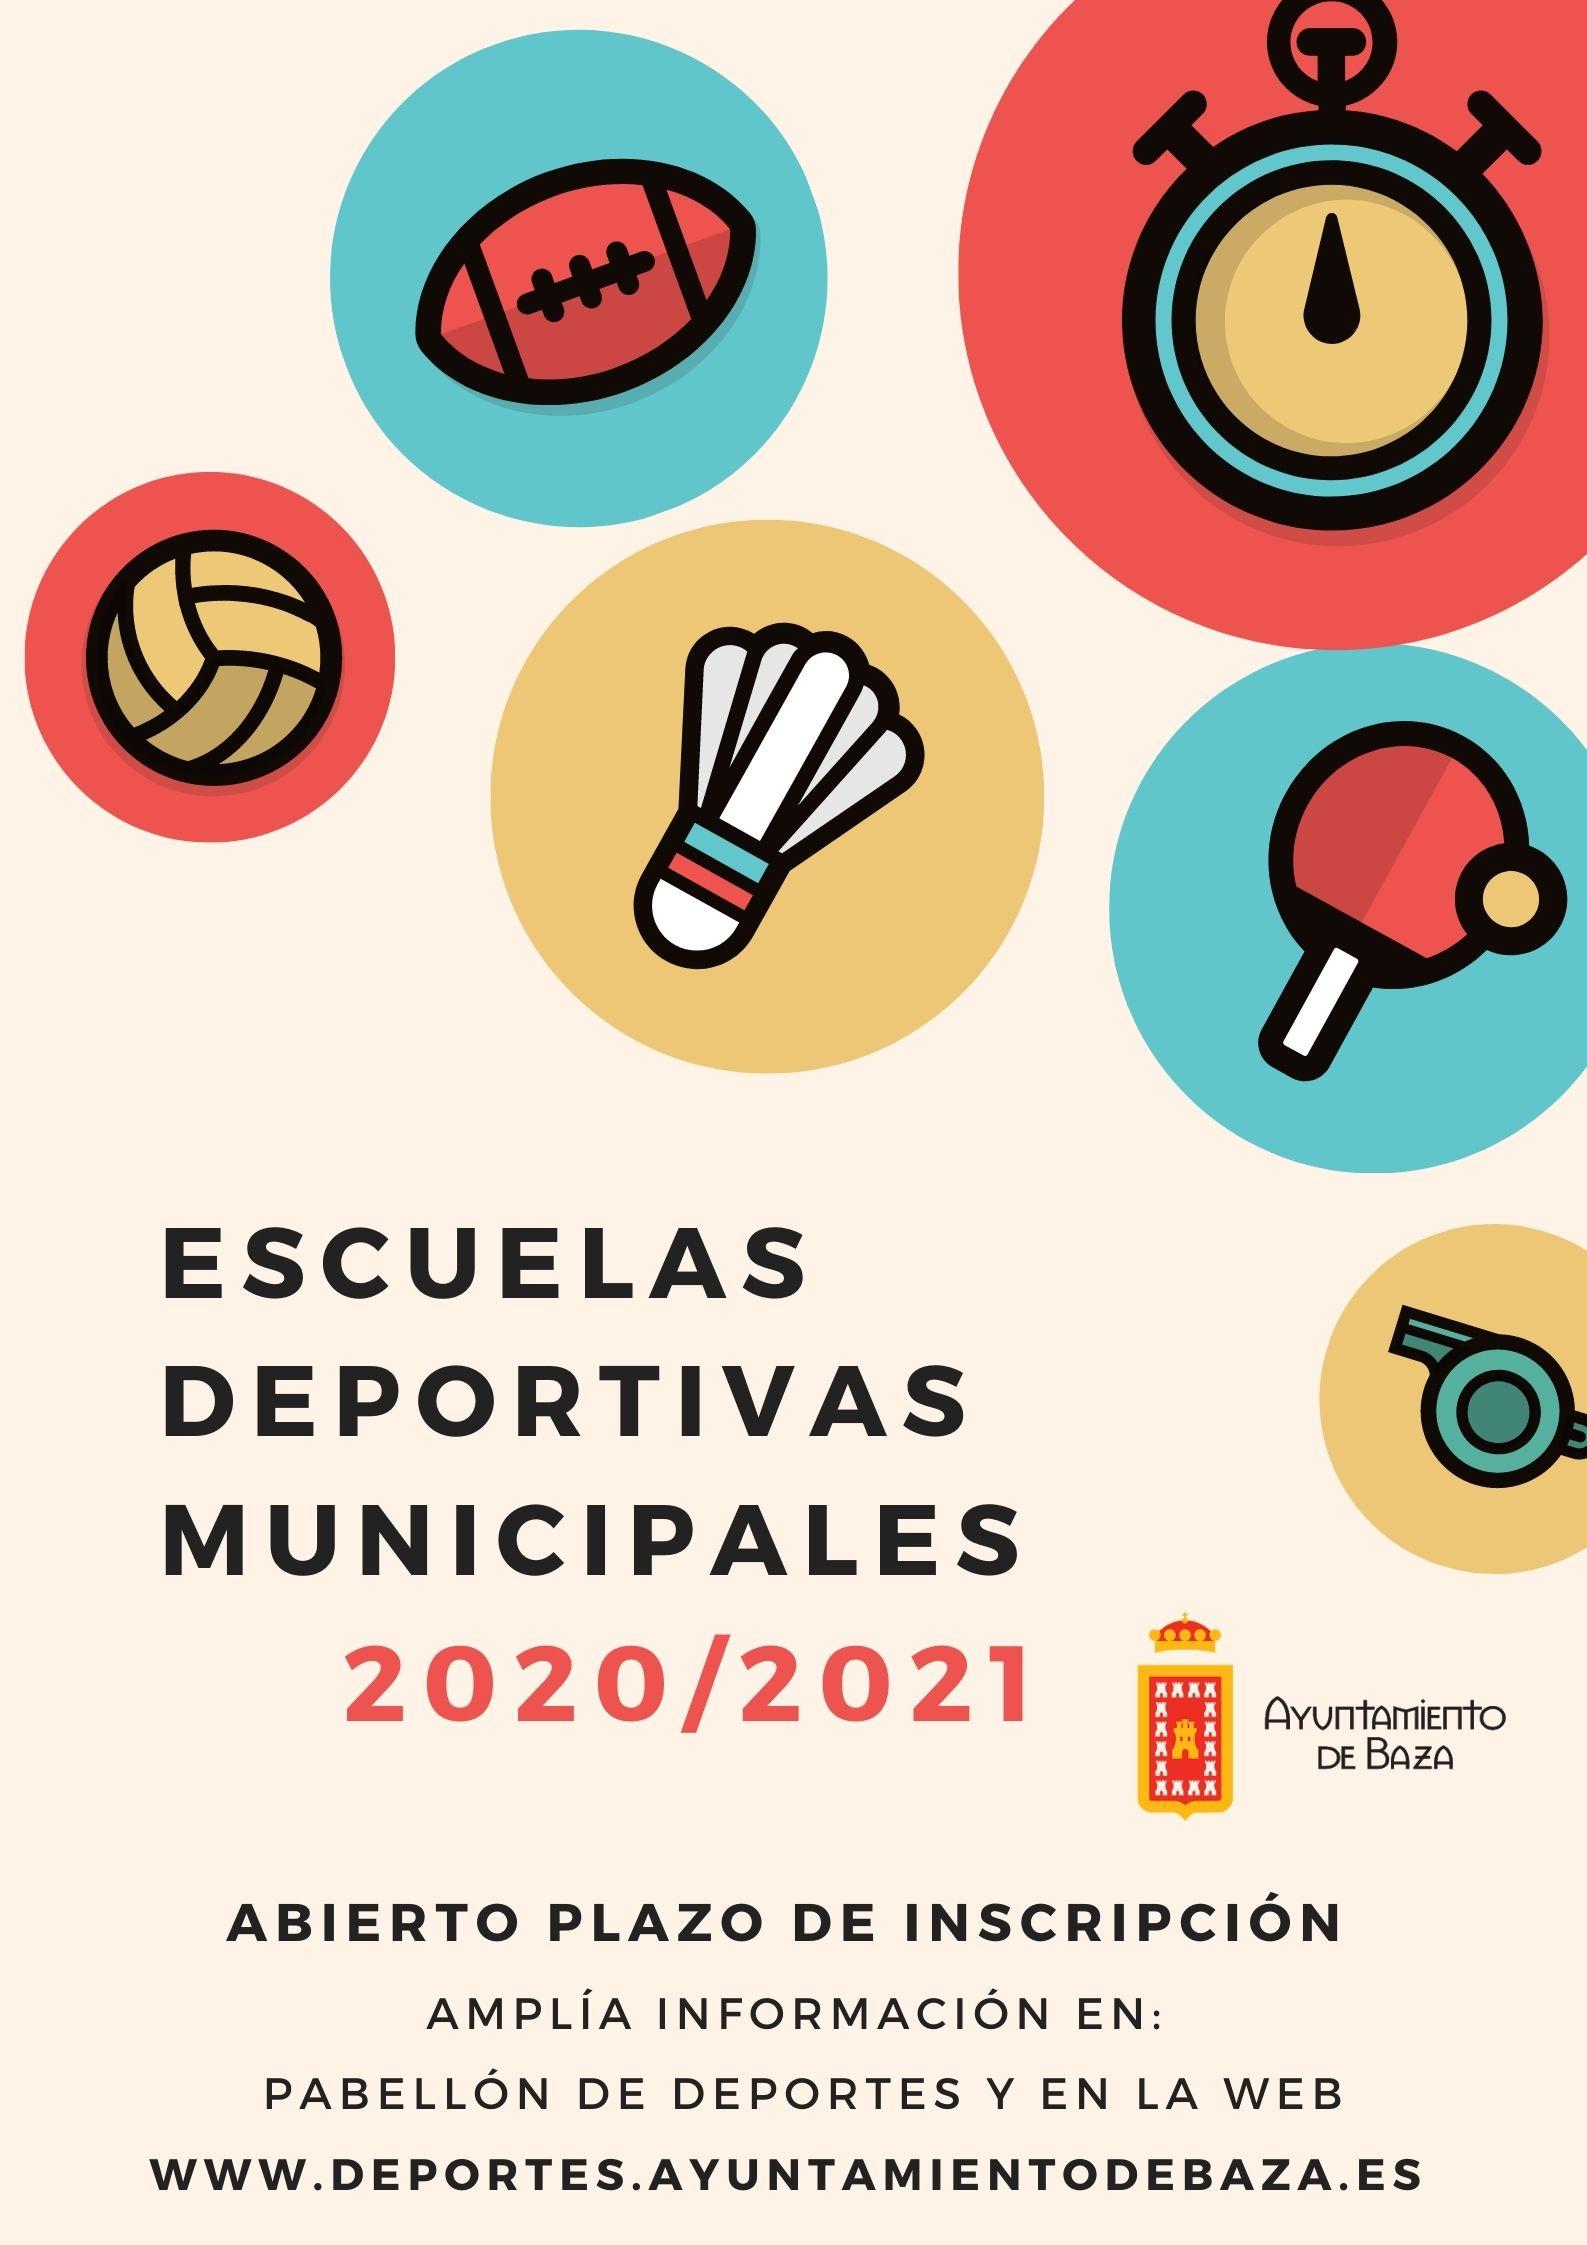 Escuelas deportivas Municipales de Baza